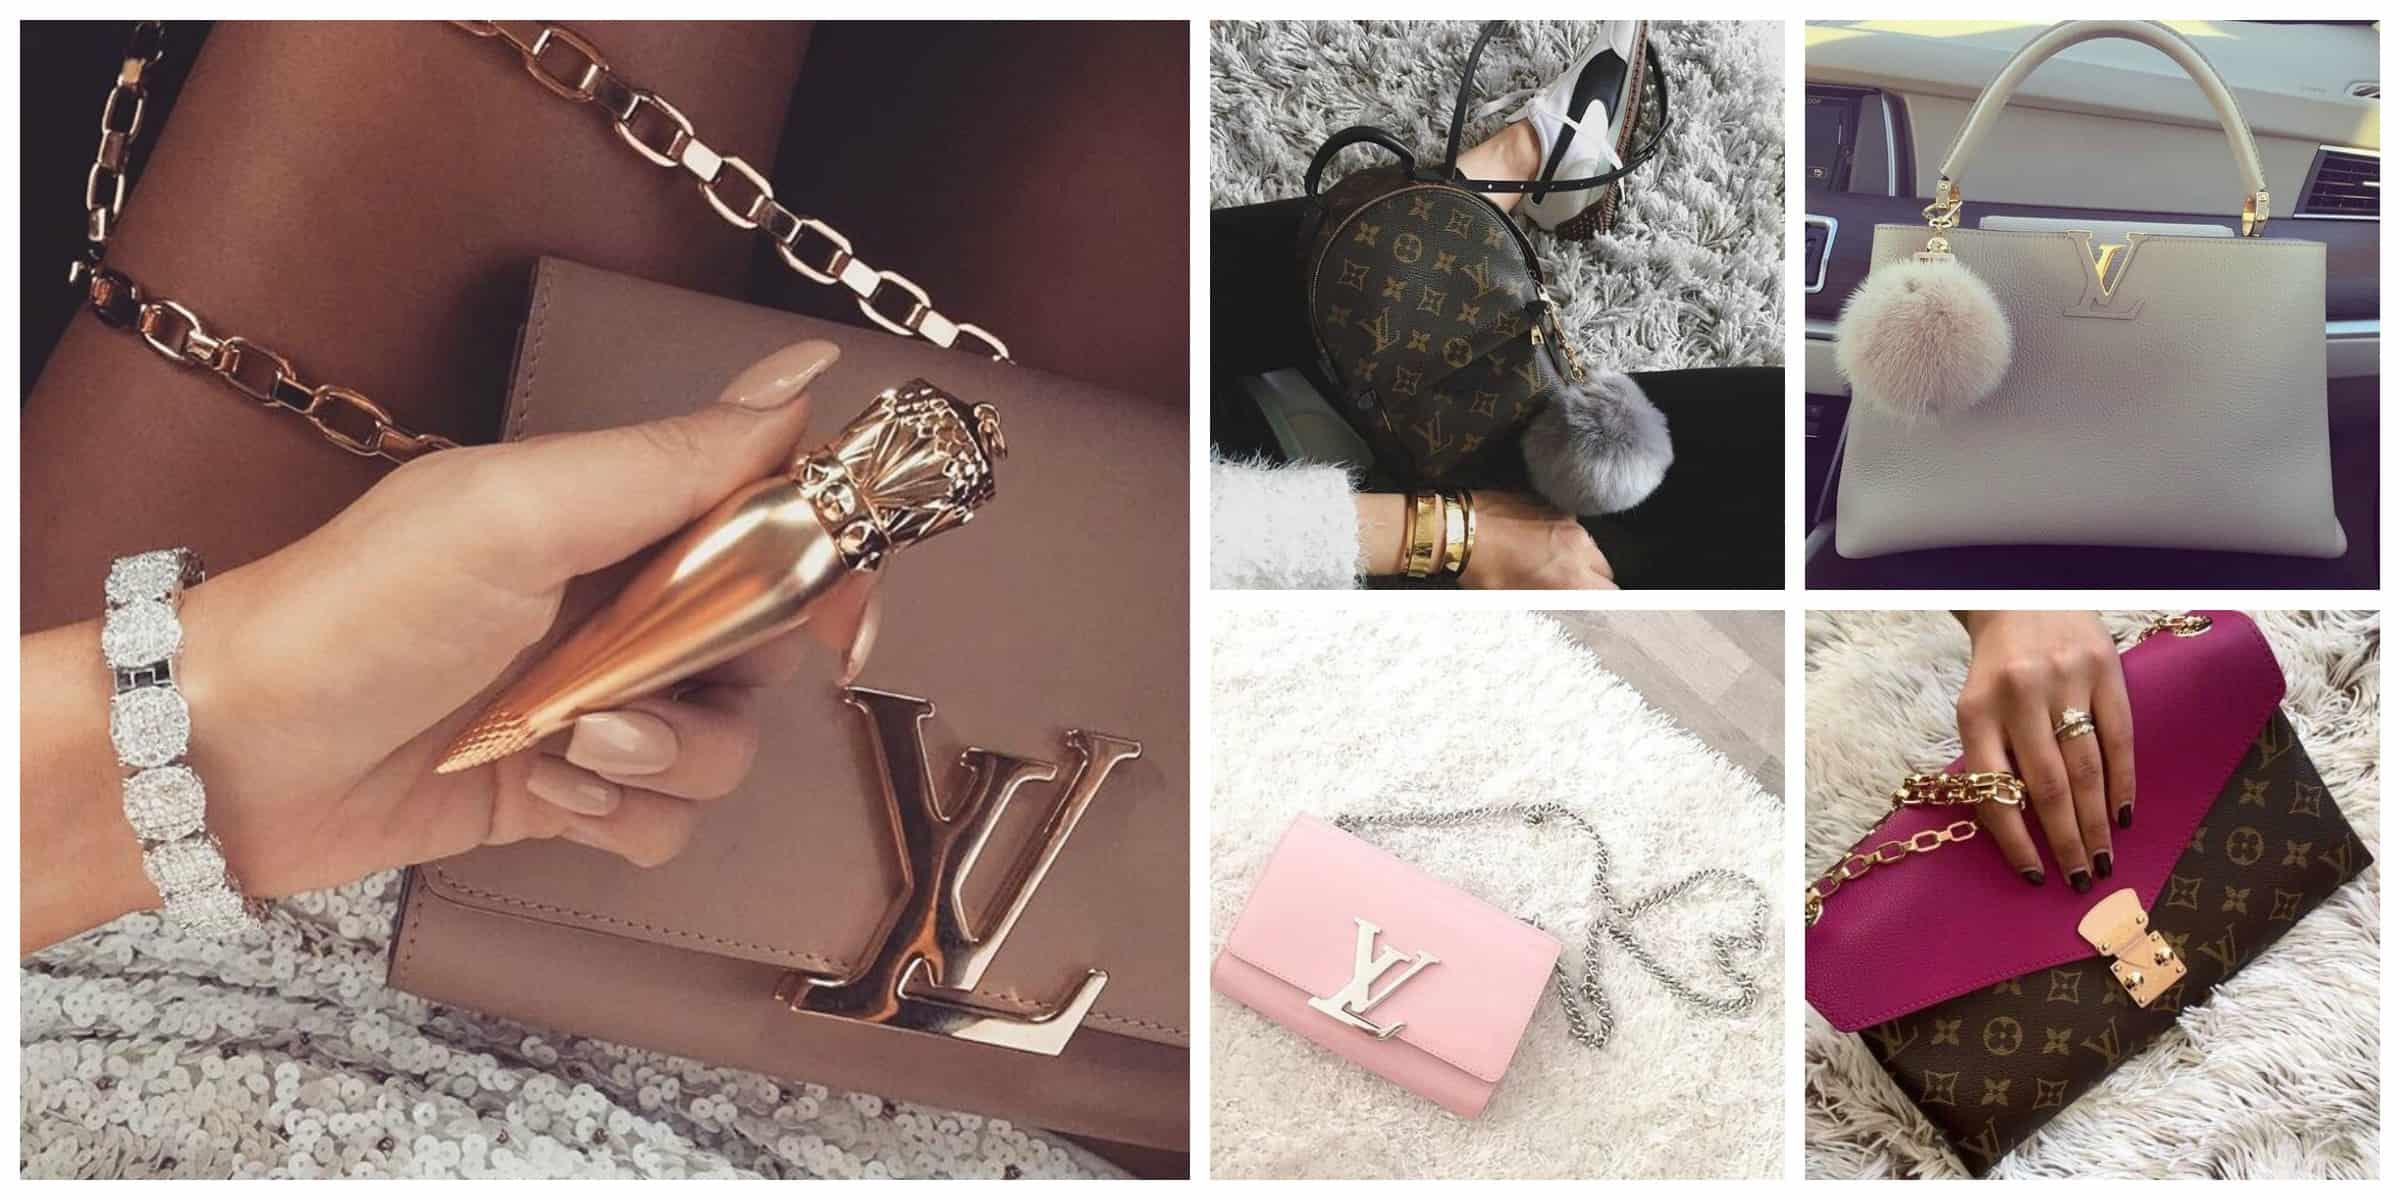 Do You Want A Louis Vuitton Handbag As Gift